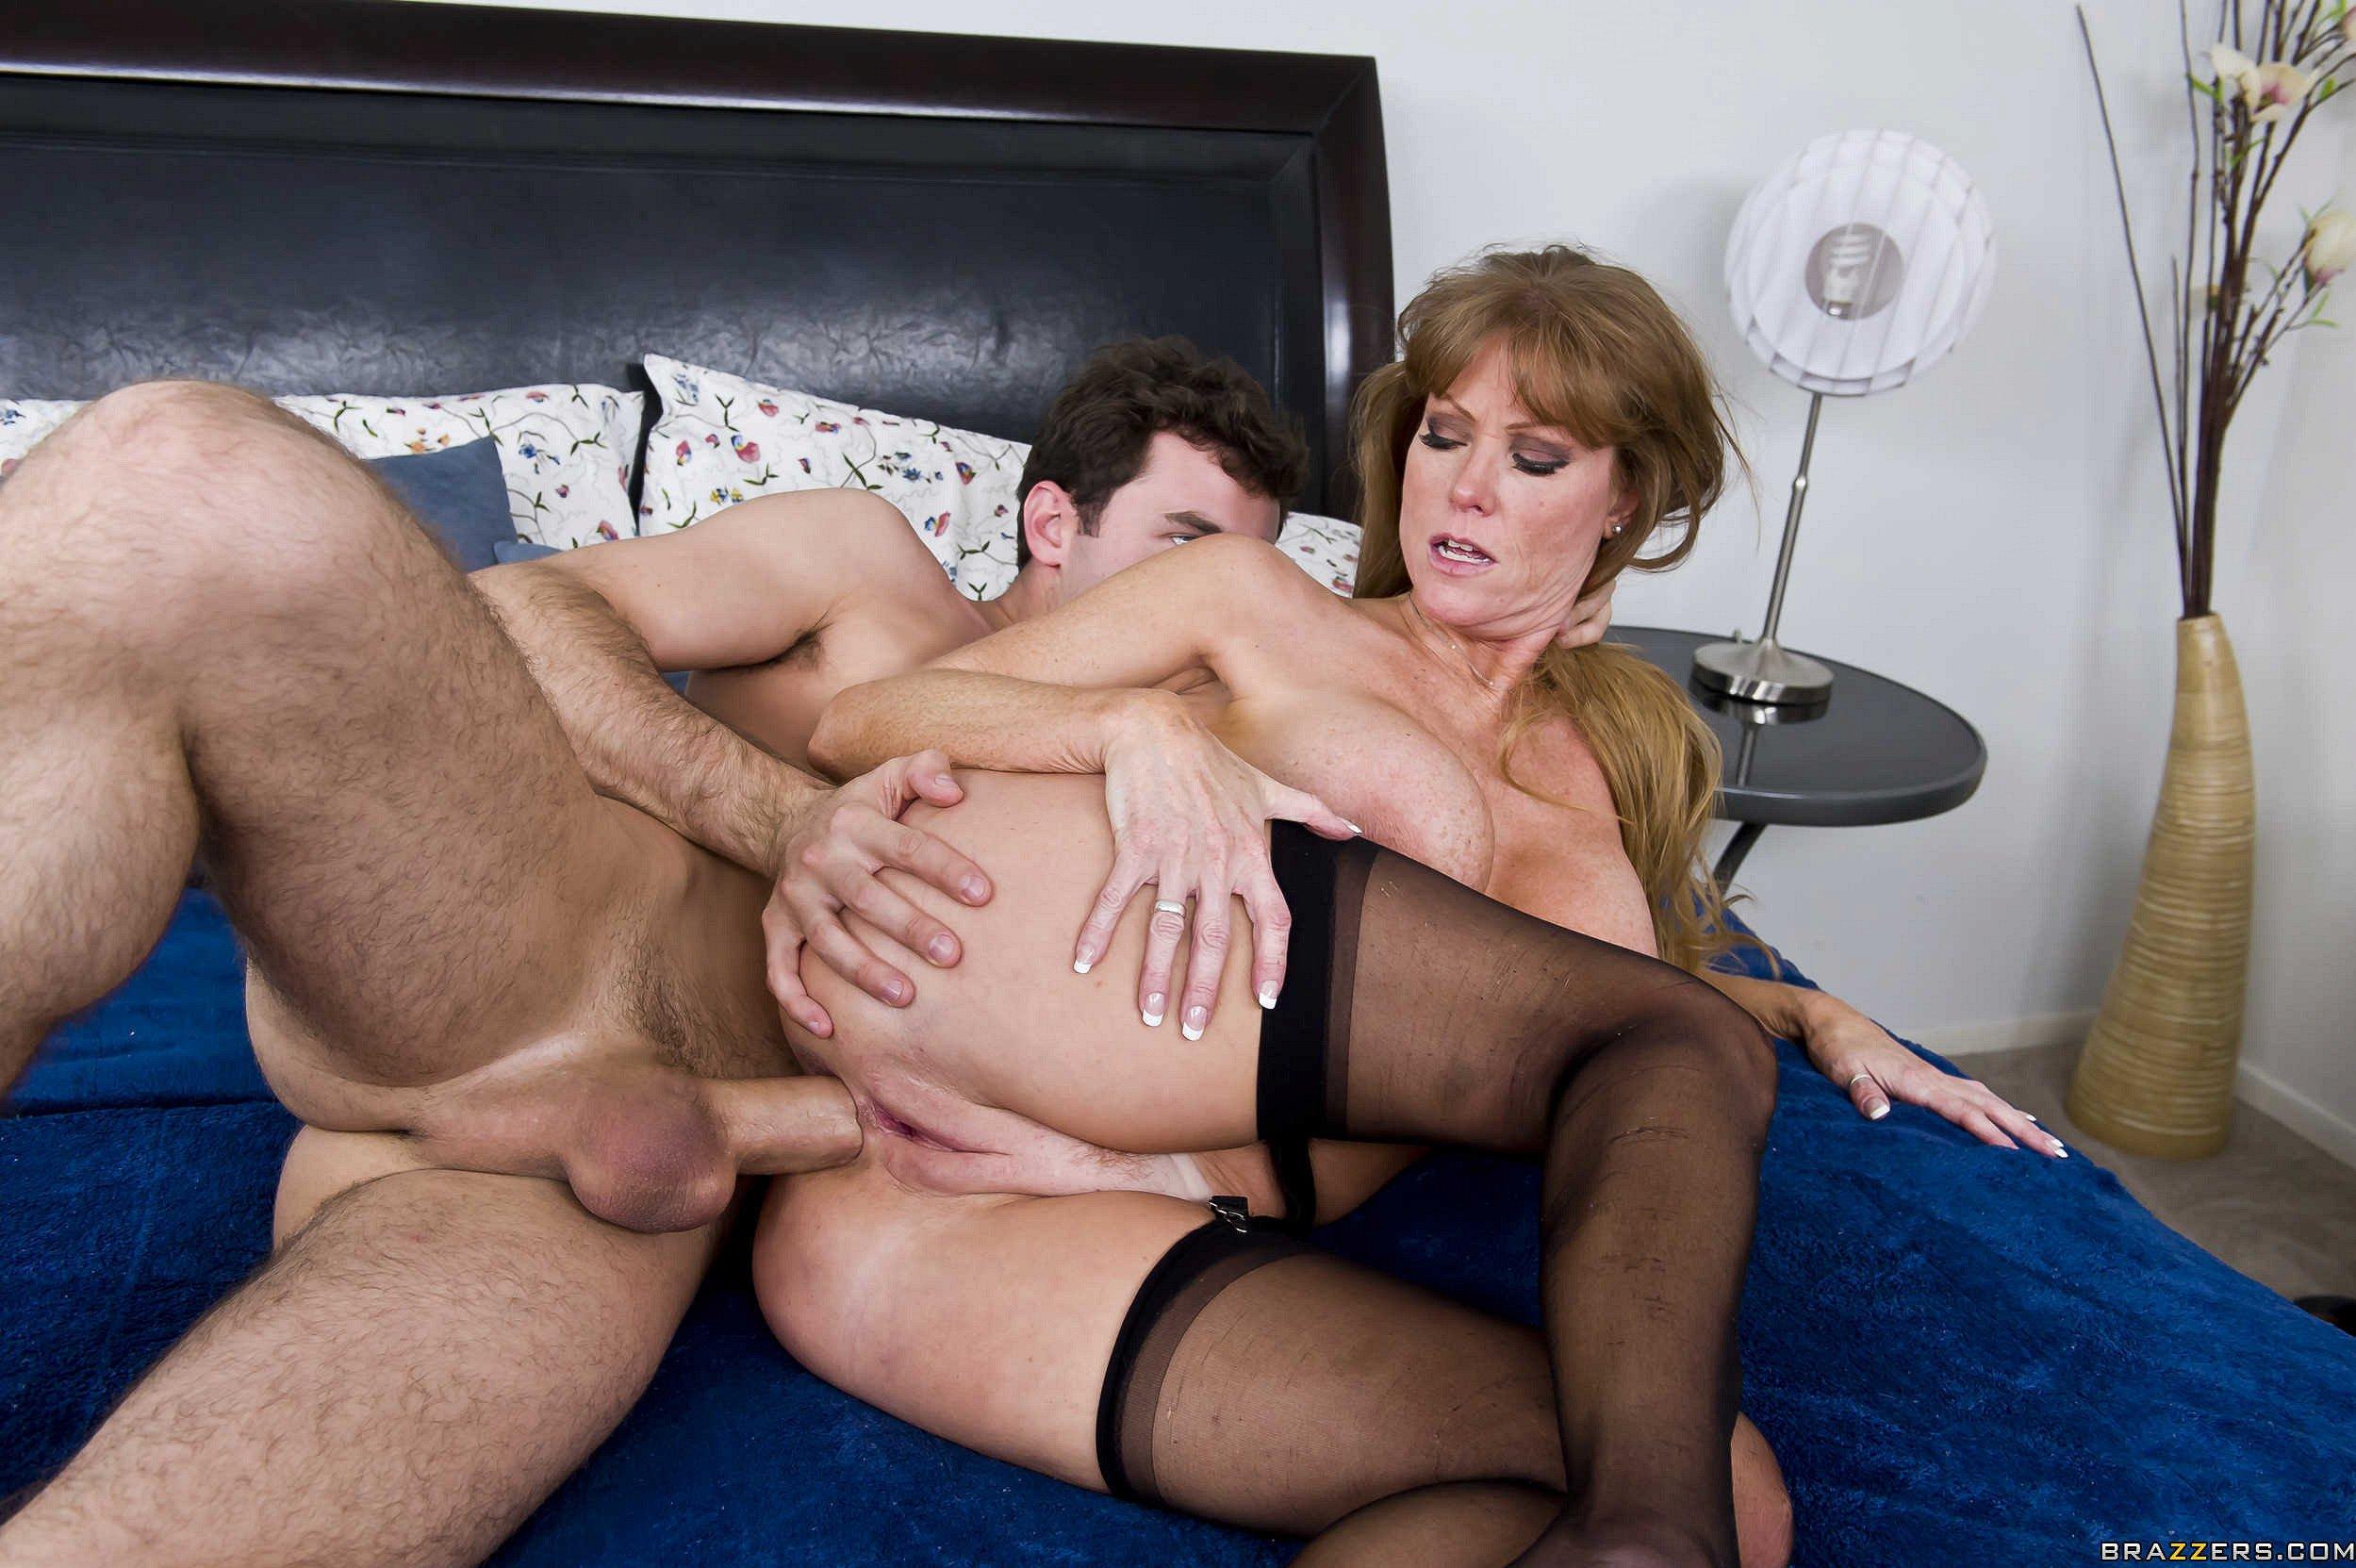 Секс Со Зрелыми Видео Онлайн